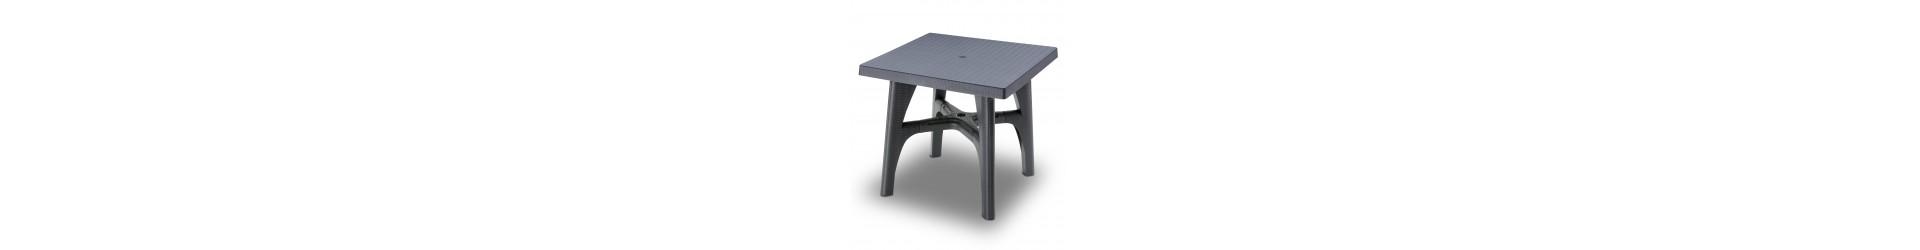 Tavolini da Giardino, Tavoli per giardino ed esterni